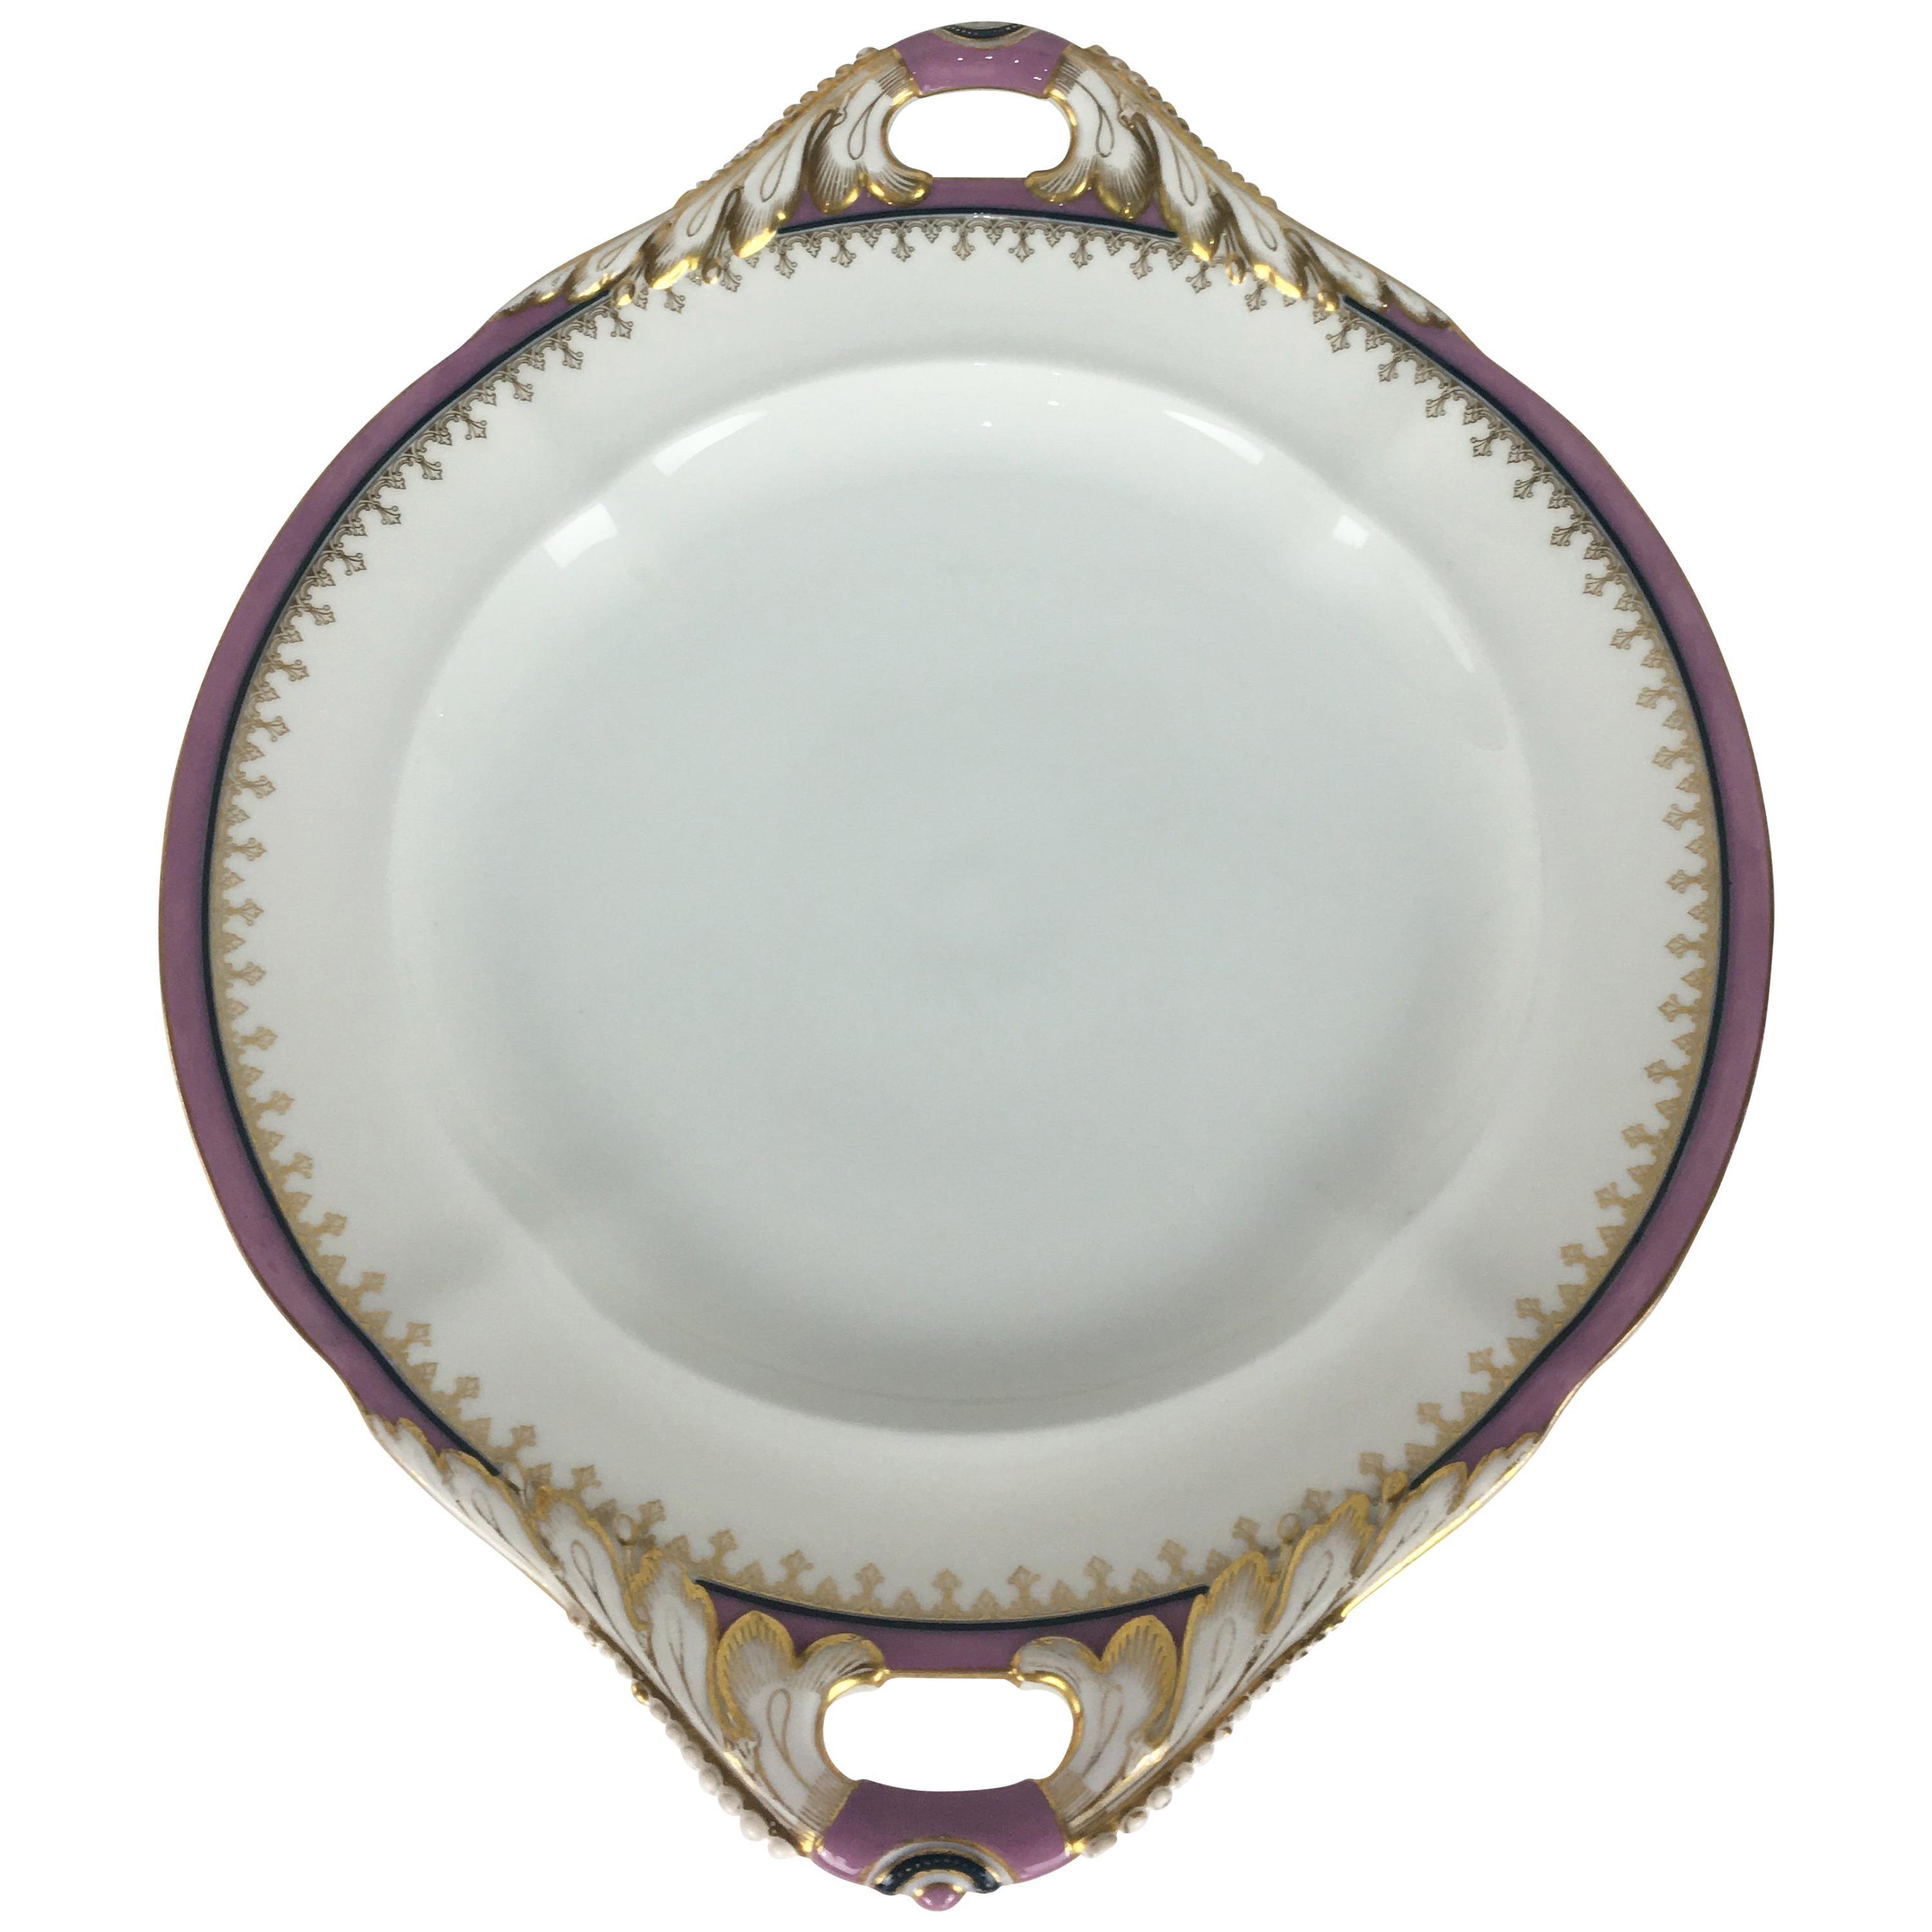 Set of 6 Limoges Porcelain Serving Dishes, Platters, Bowl and Gravy Boats Set